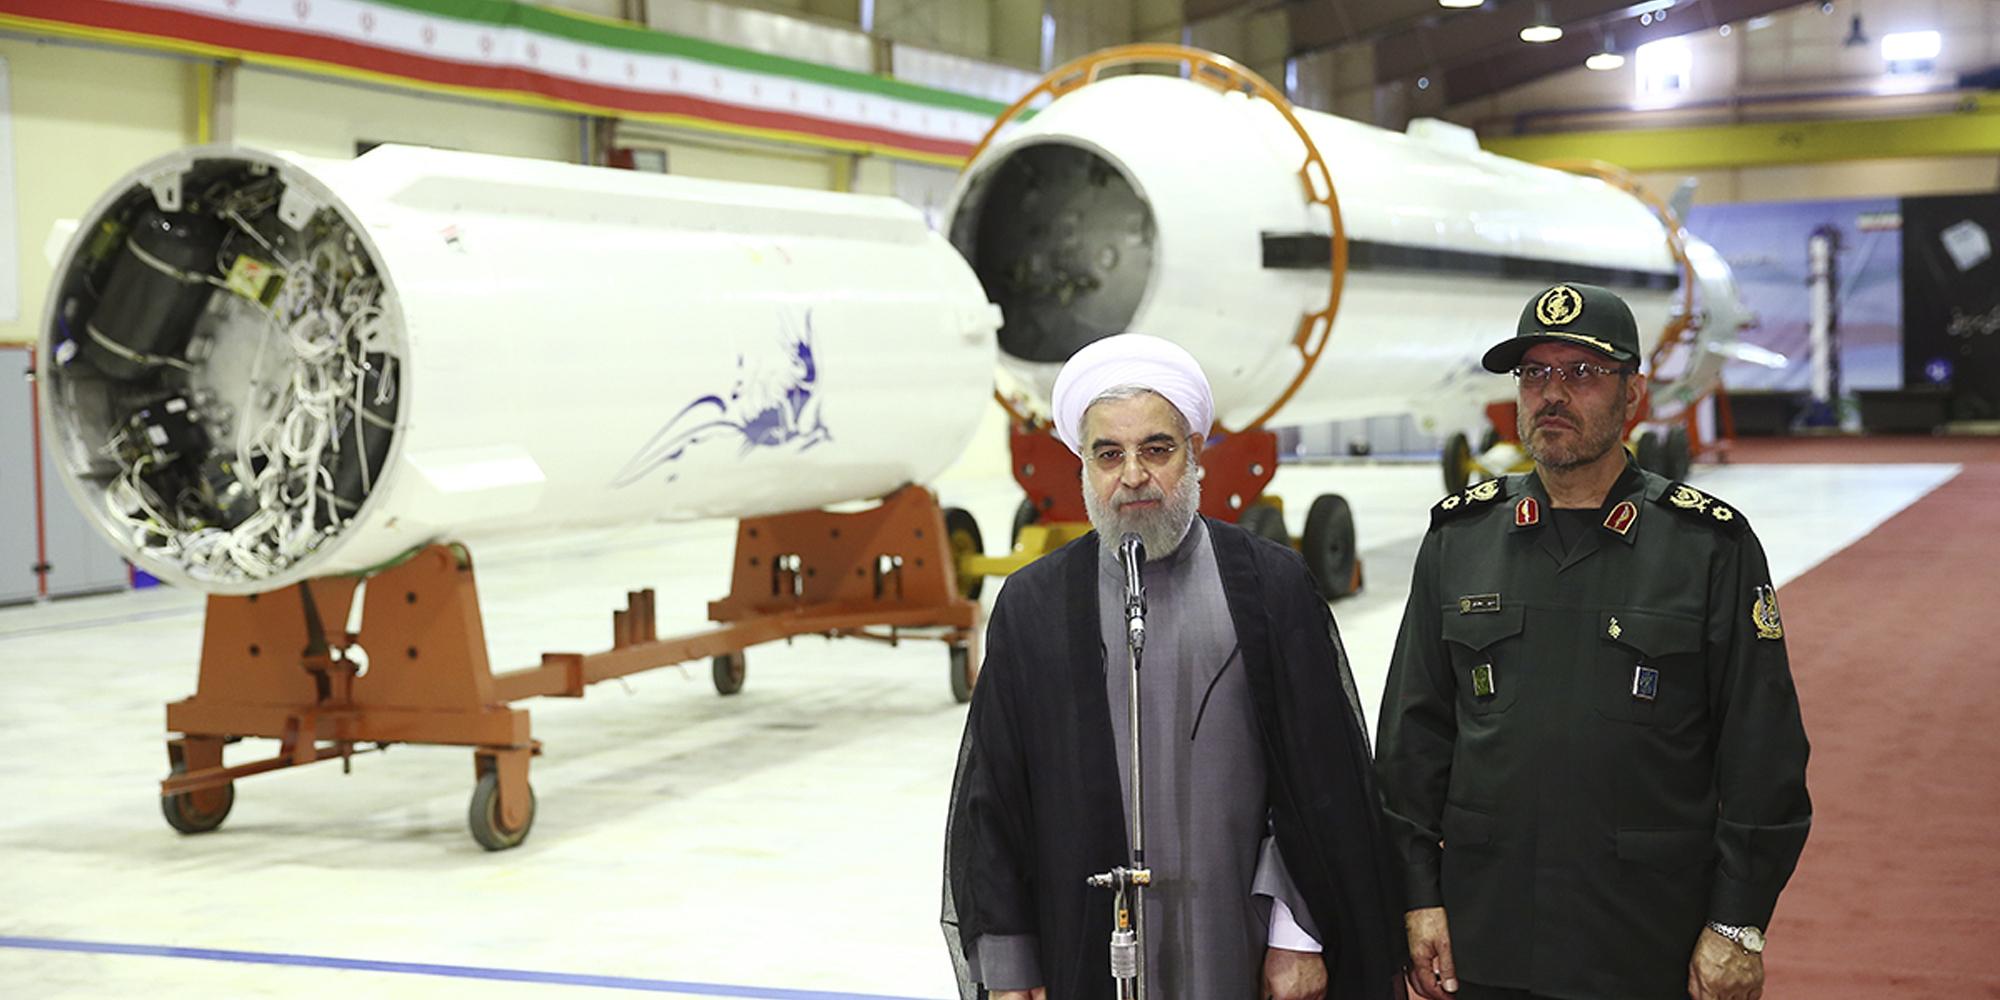 إيران تجري تجارب صاروخية بالستية جديدة